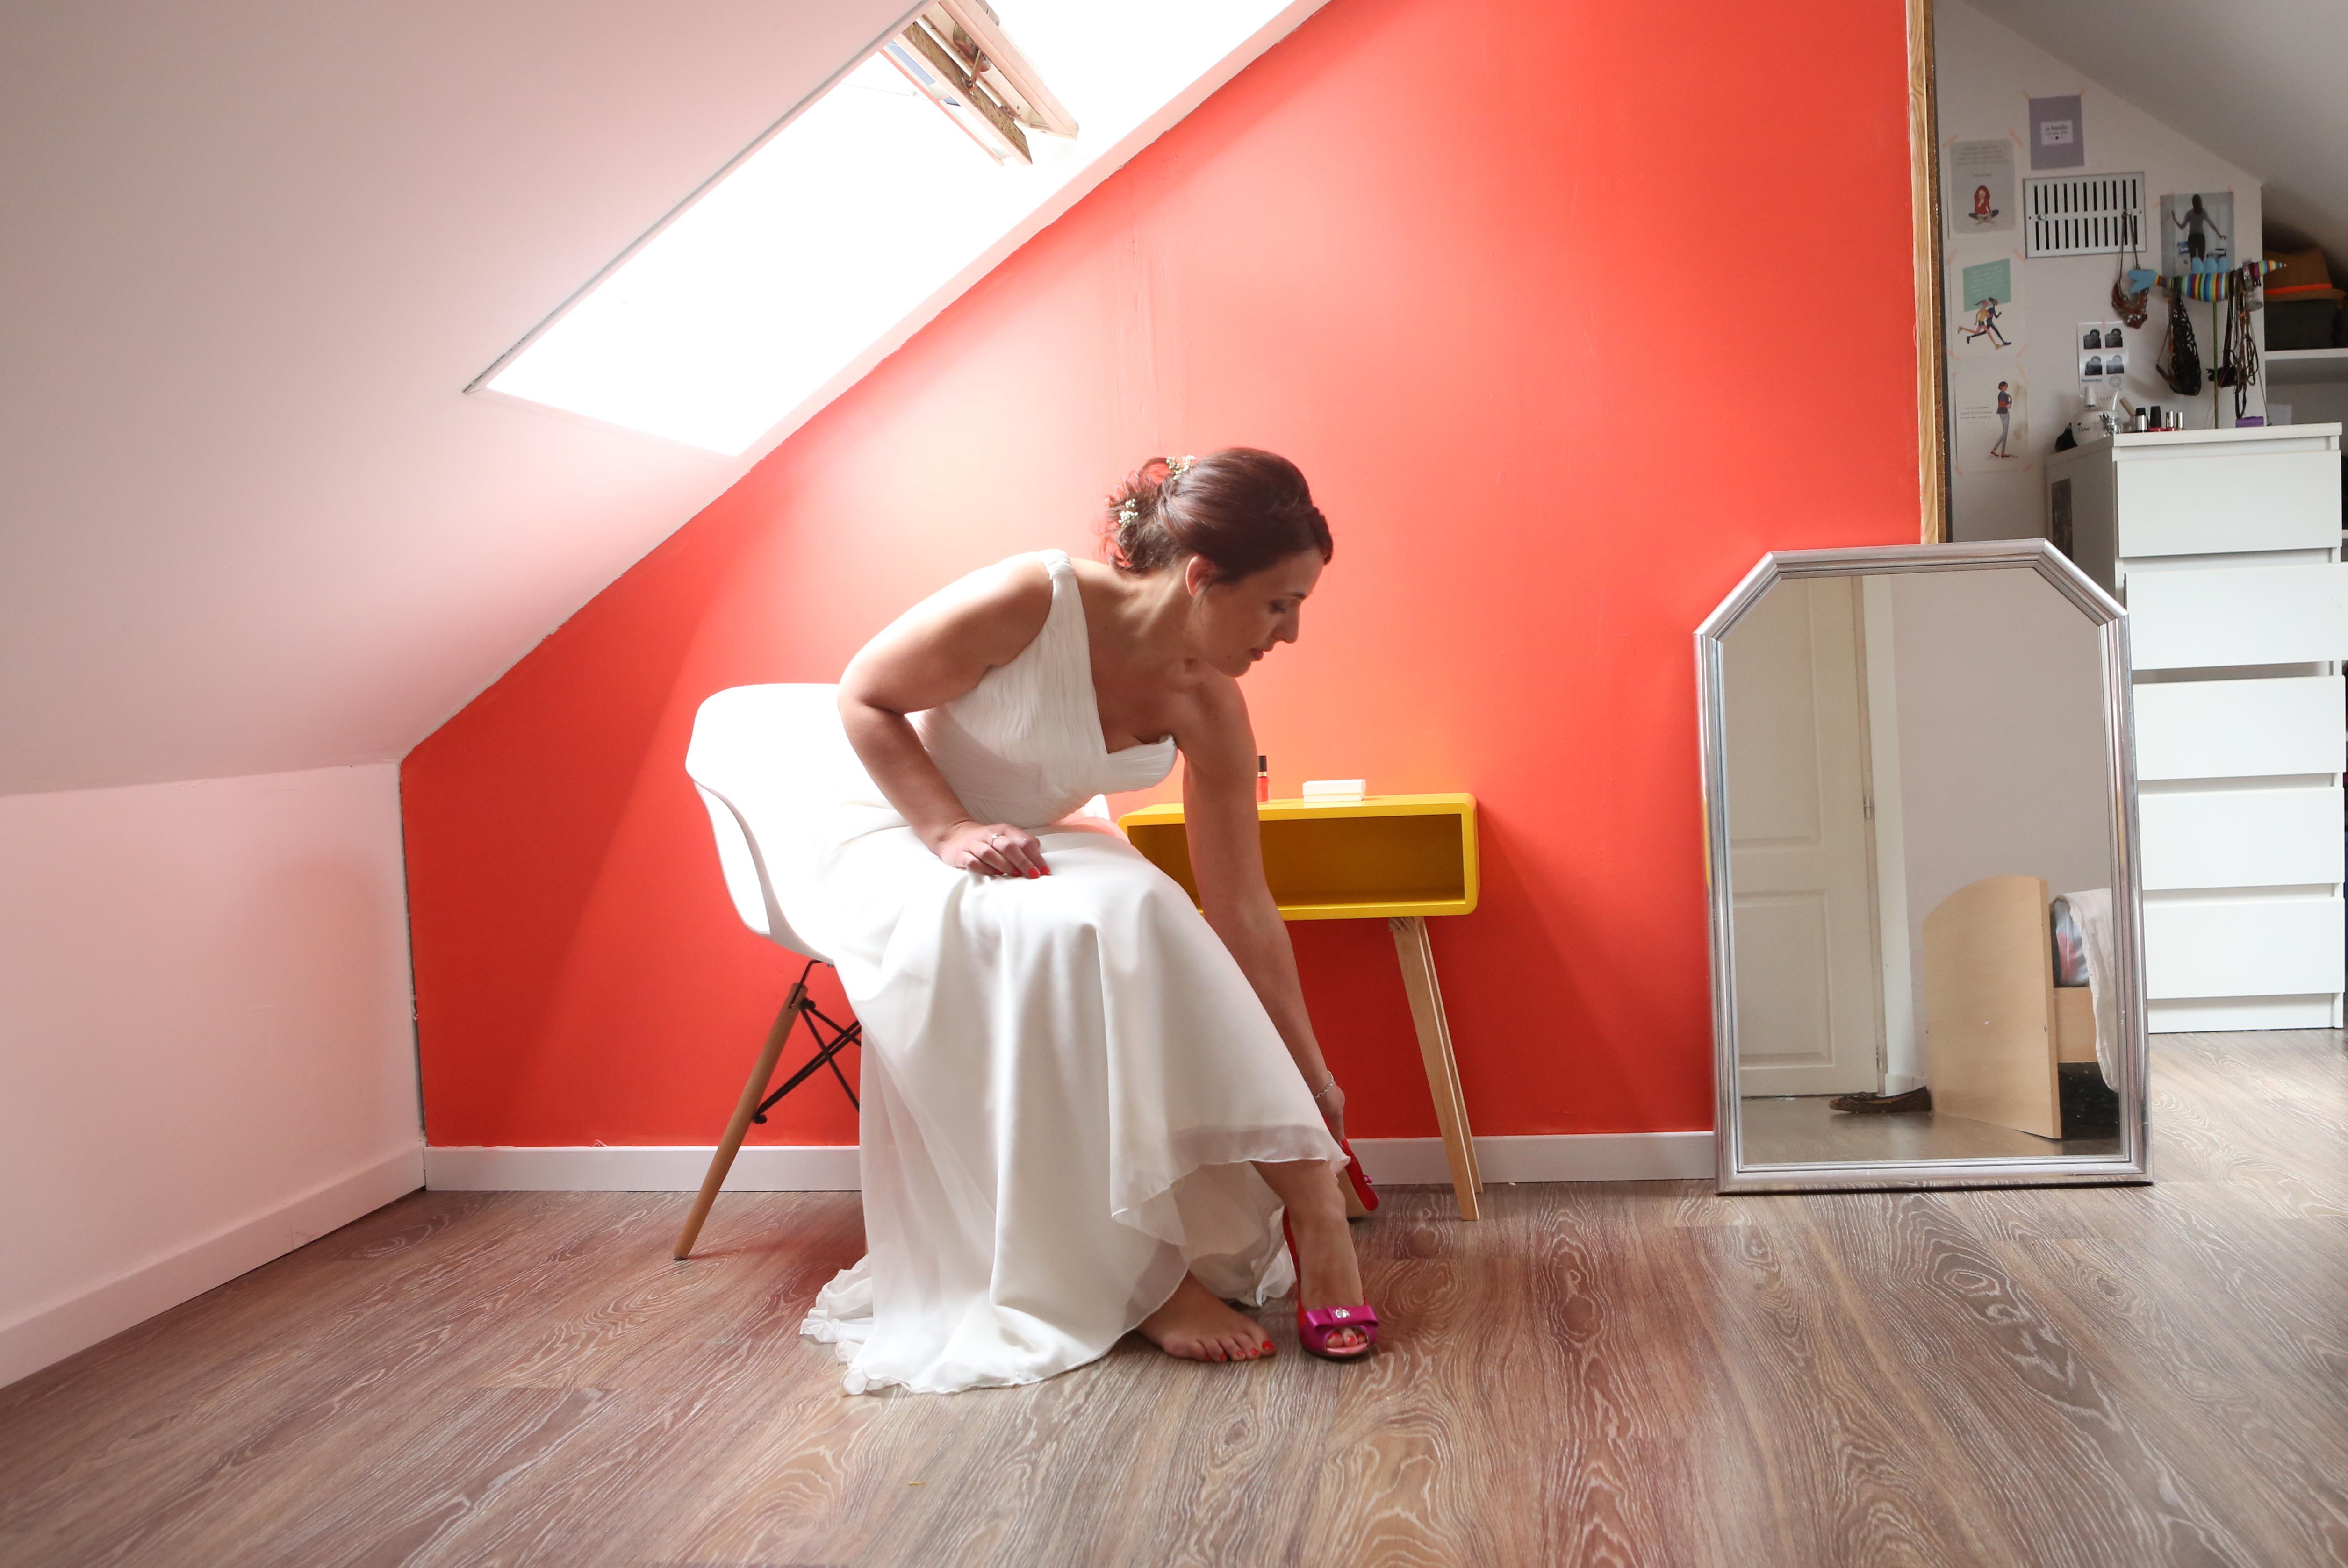 Mon mariage pastel et doré à la maison : la fin des préparatifs